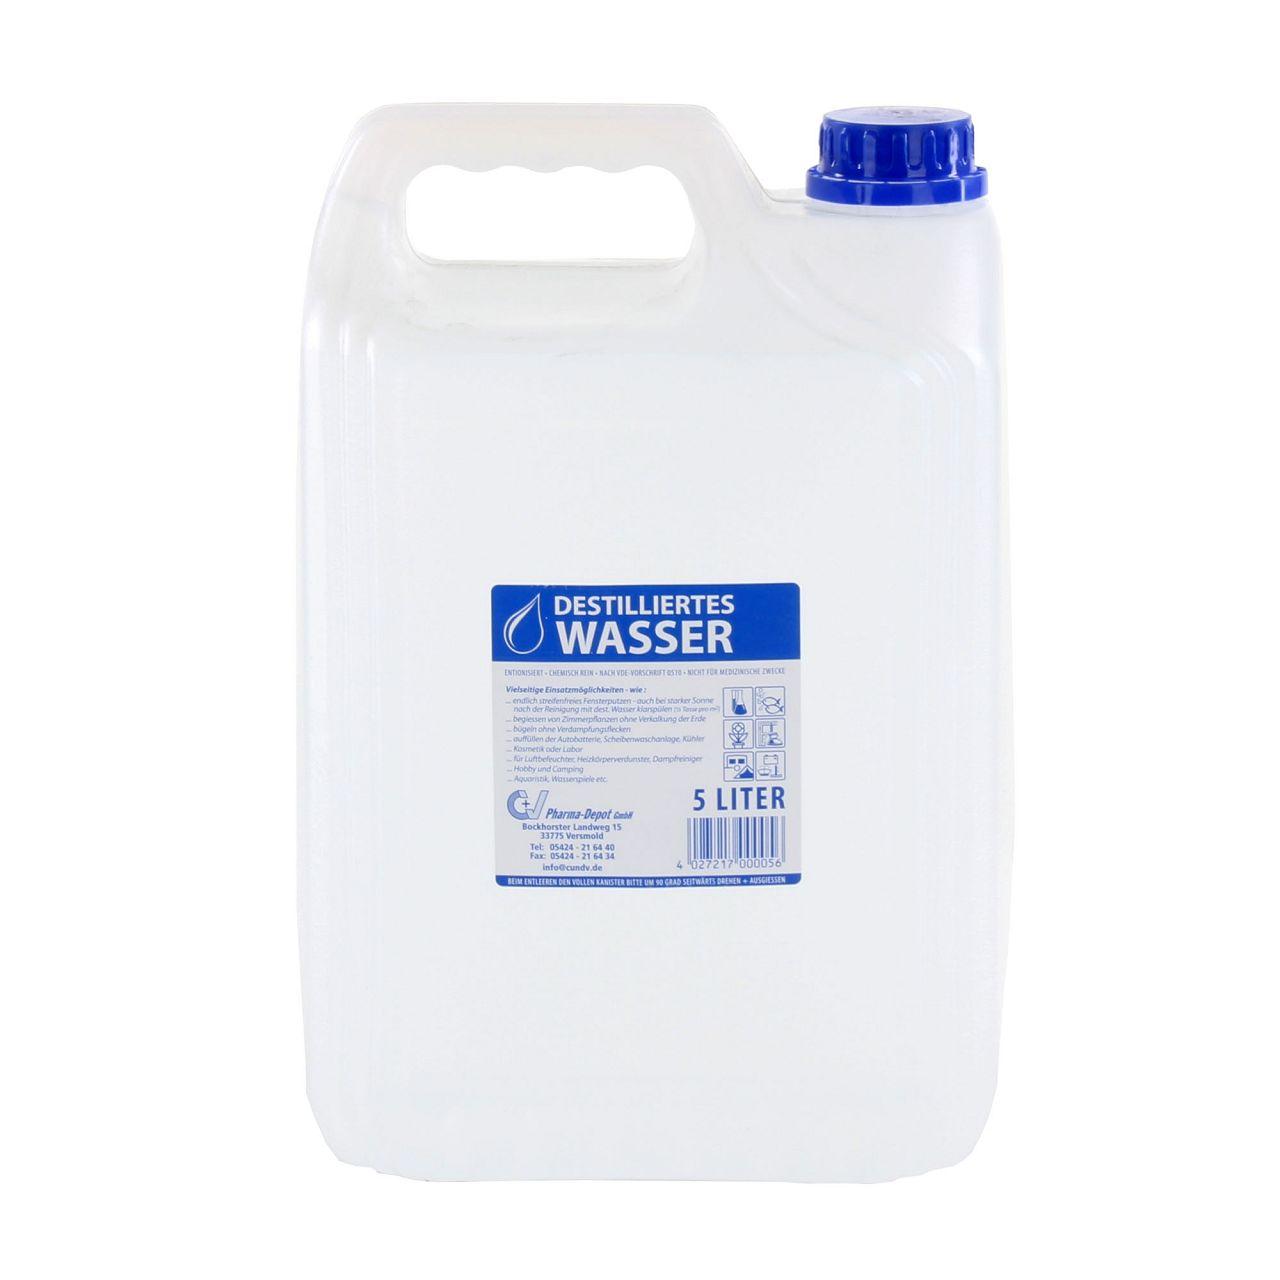 5L Destilliertes Wasser Laborwasser Bügelwasser ENTIONISIERT CHEM. REIN 5 Liter